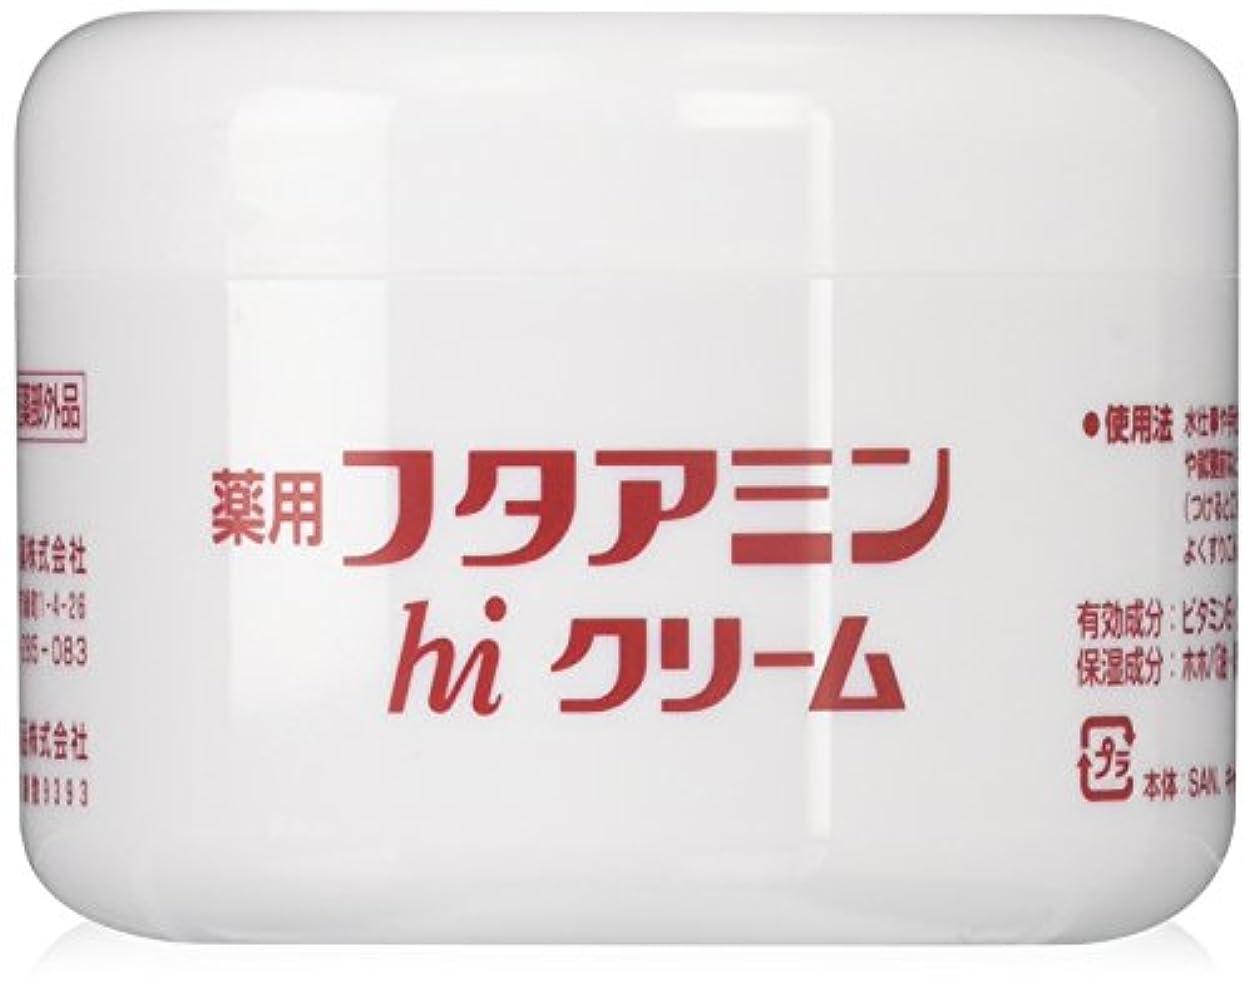 バータークラウド相談する薬用 フタアミンhiクリーム 130g  3個セット 3gサンプル2個付